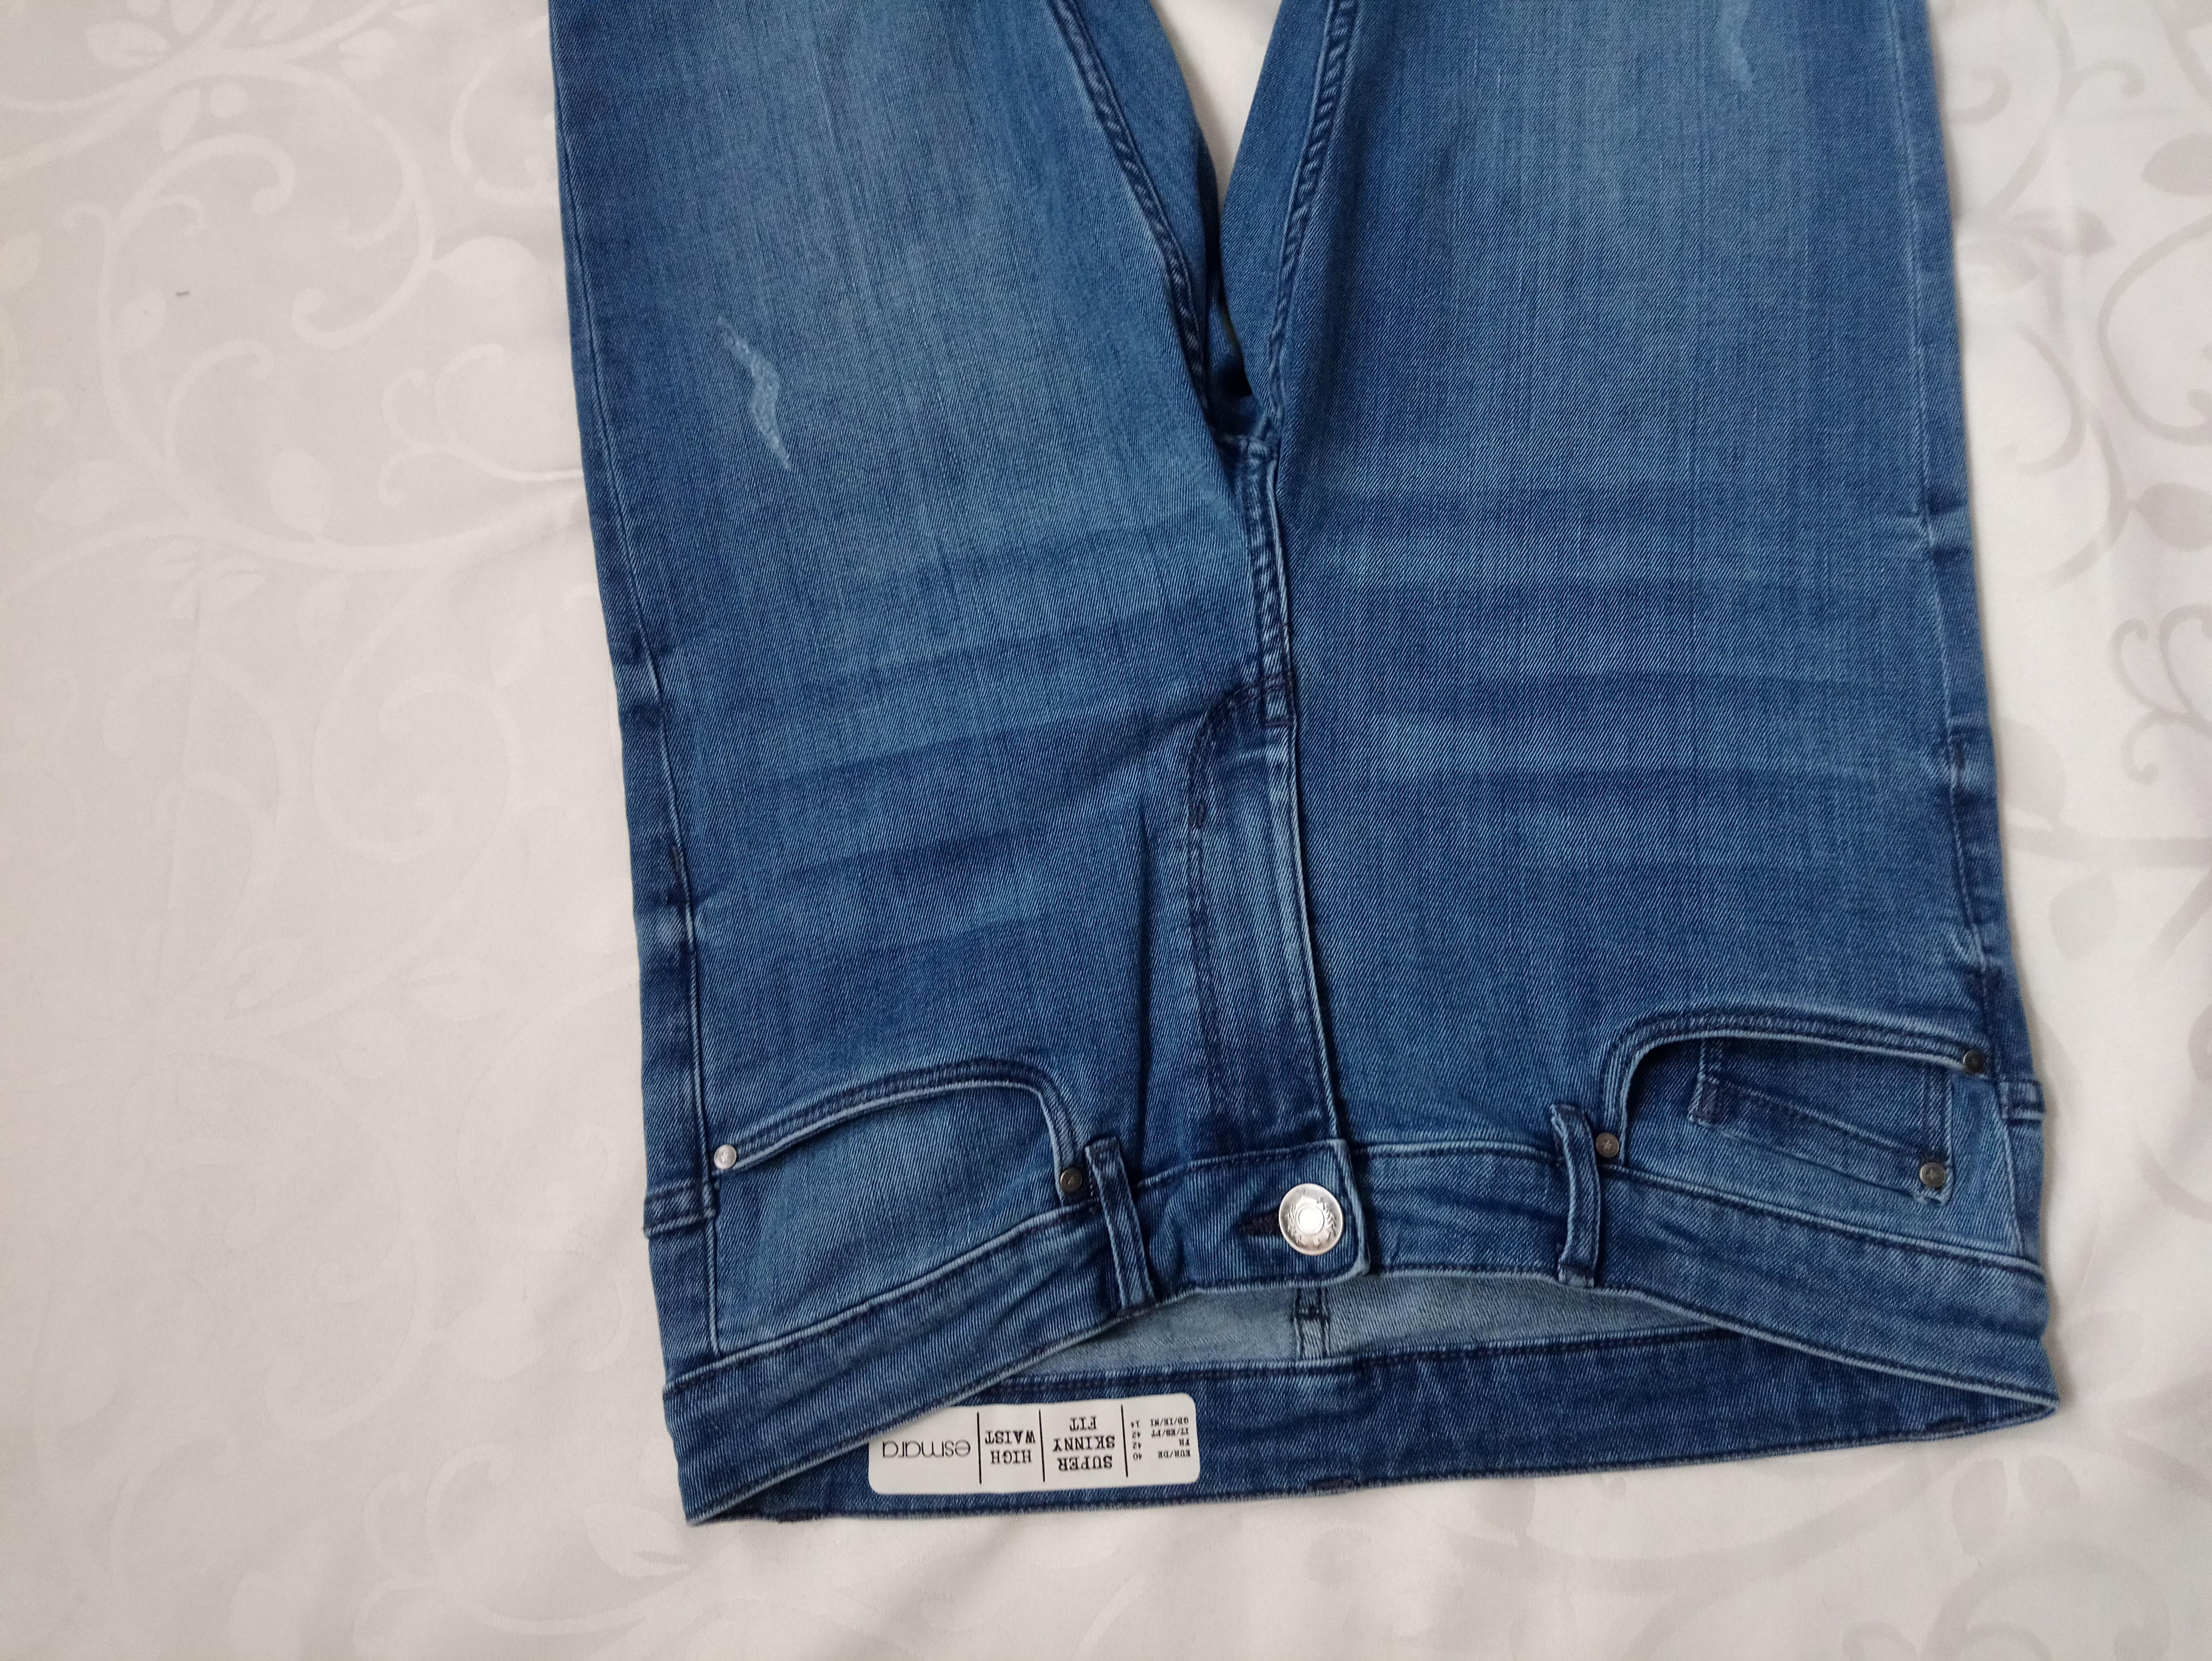 Esmara Германия Коттоновые завышенные джинсы скинни 40р евро - Фото №3